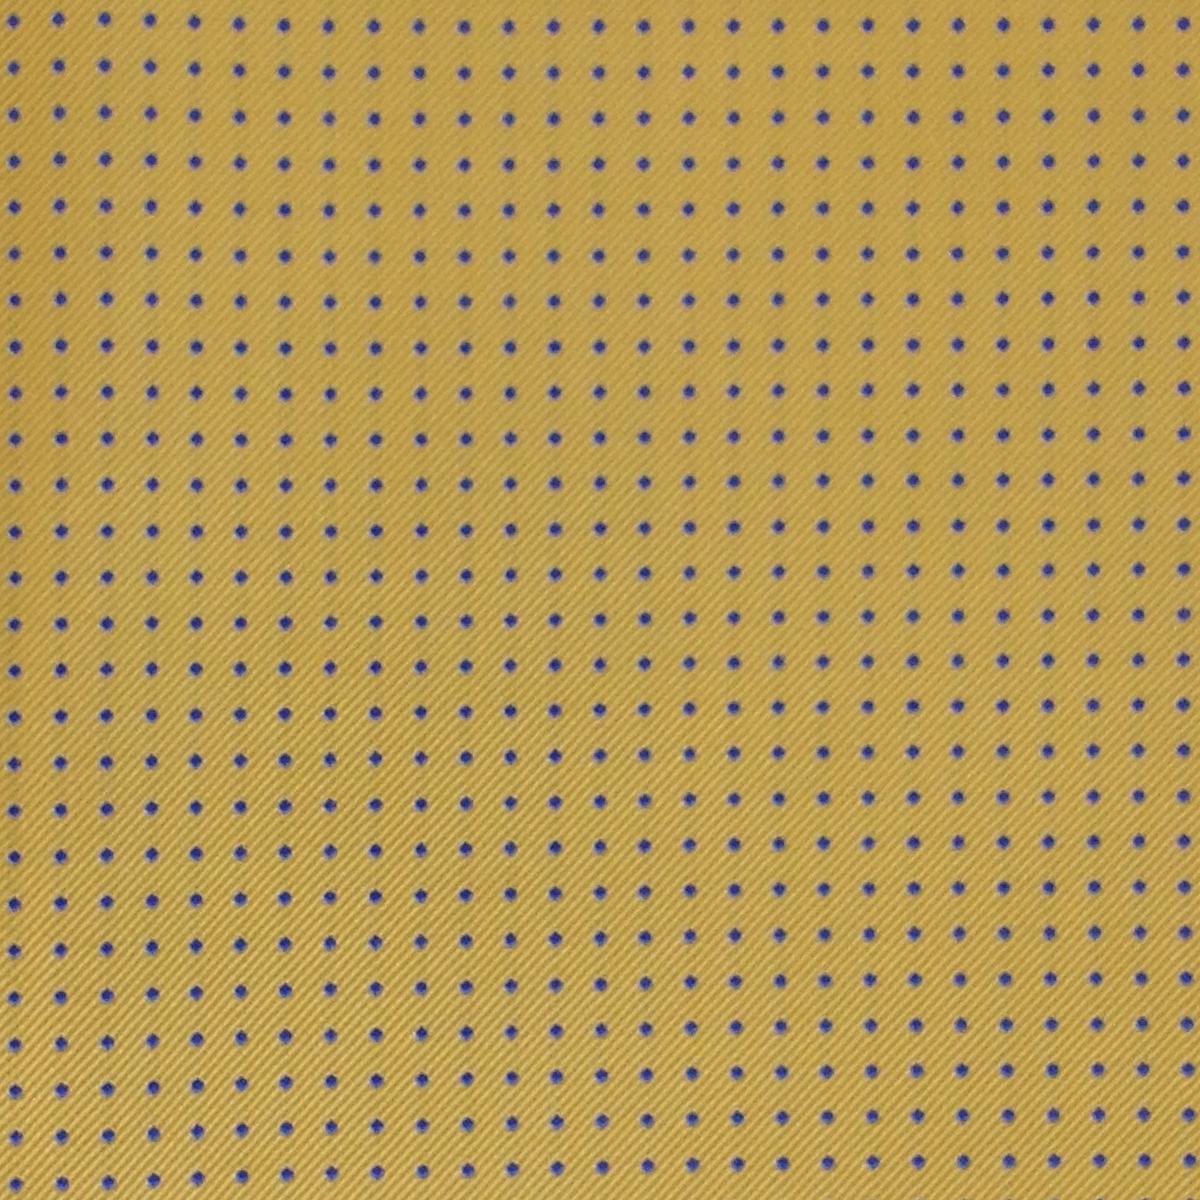 N657 spots YELLOW - - Con Murphys Menswear